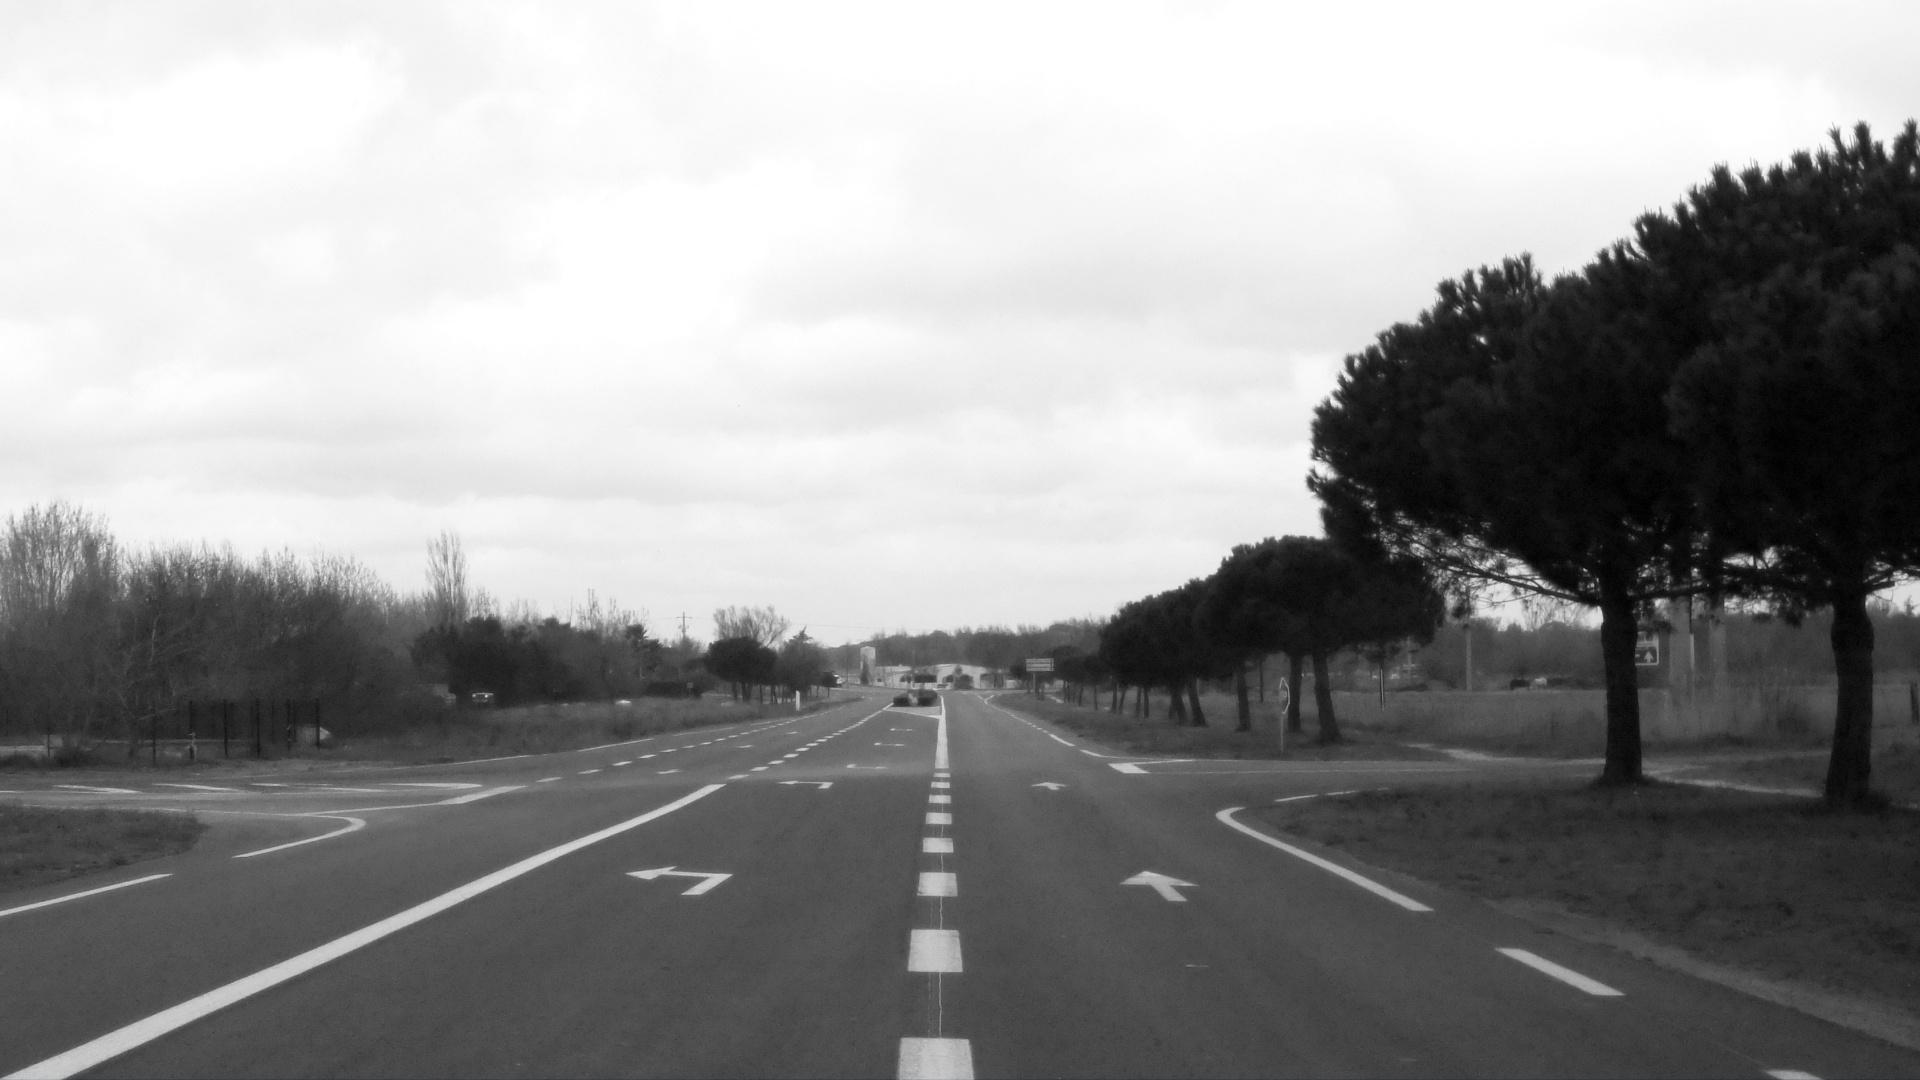 Fondo gris carretera sin coches